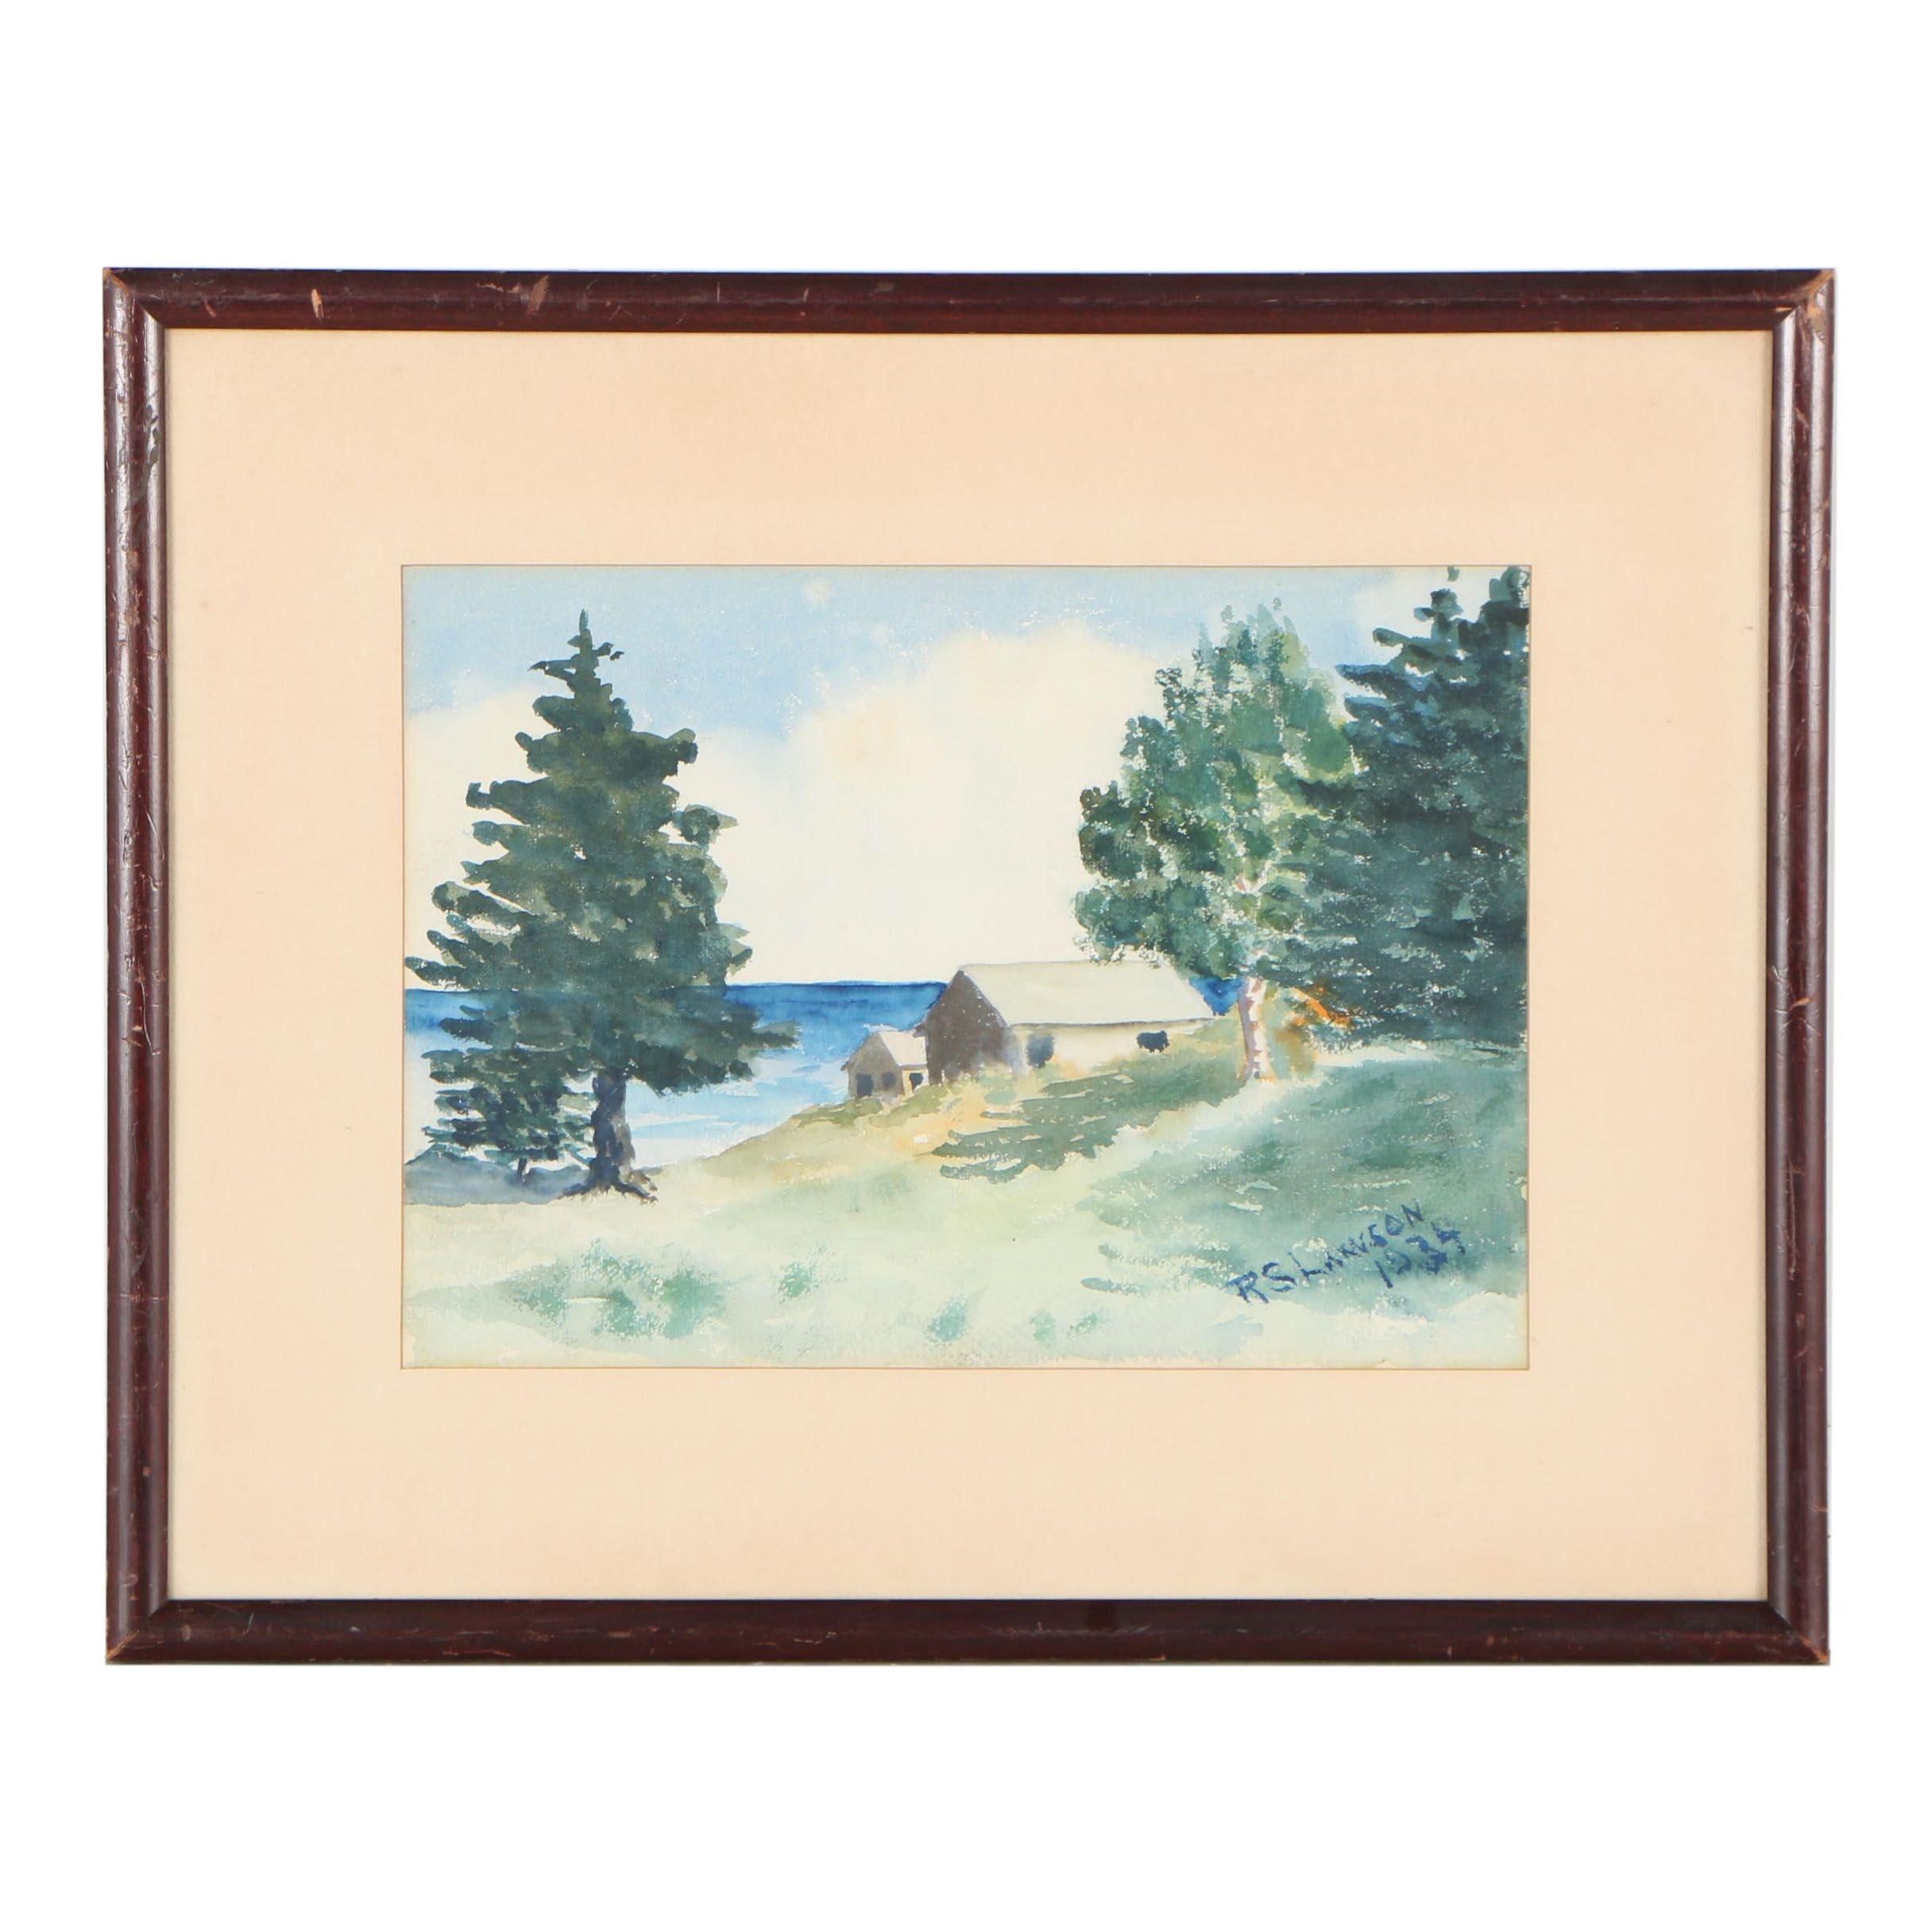 R.S. Lawson Landscape Watercolor Painting